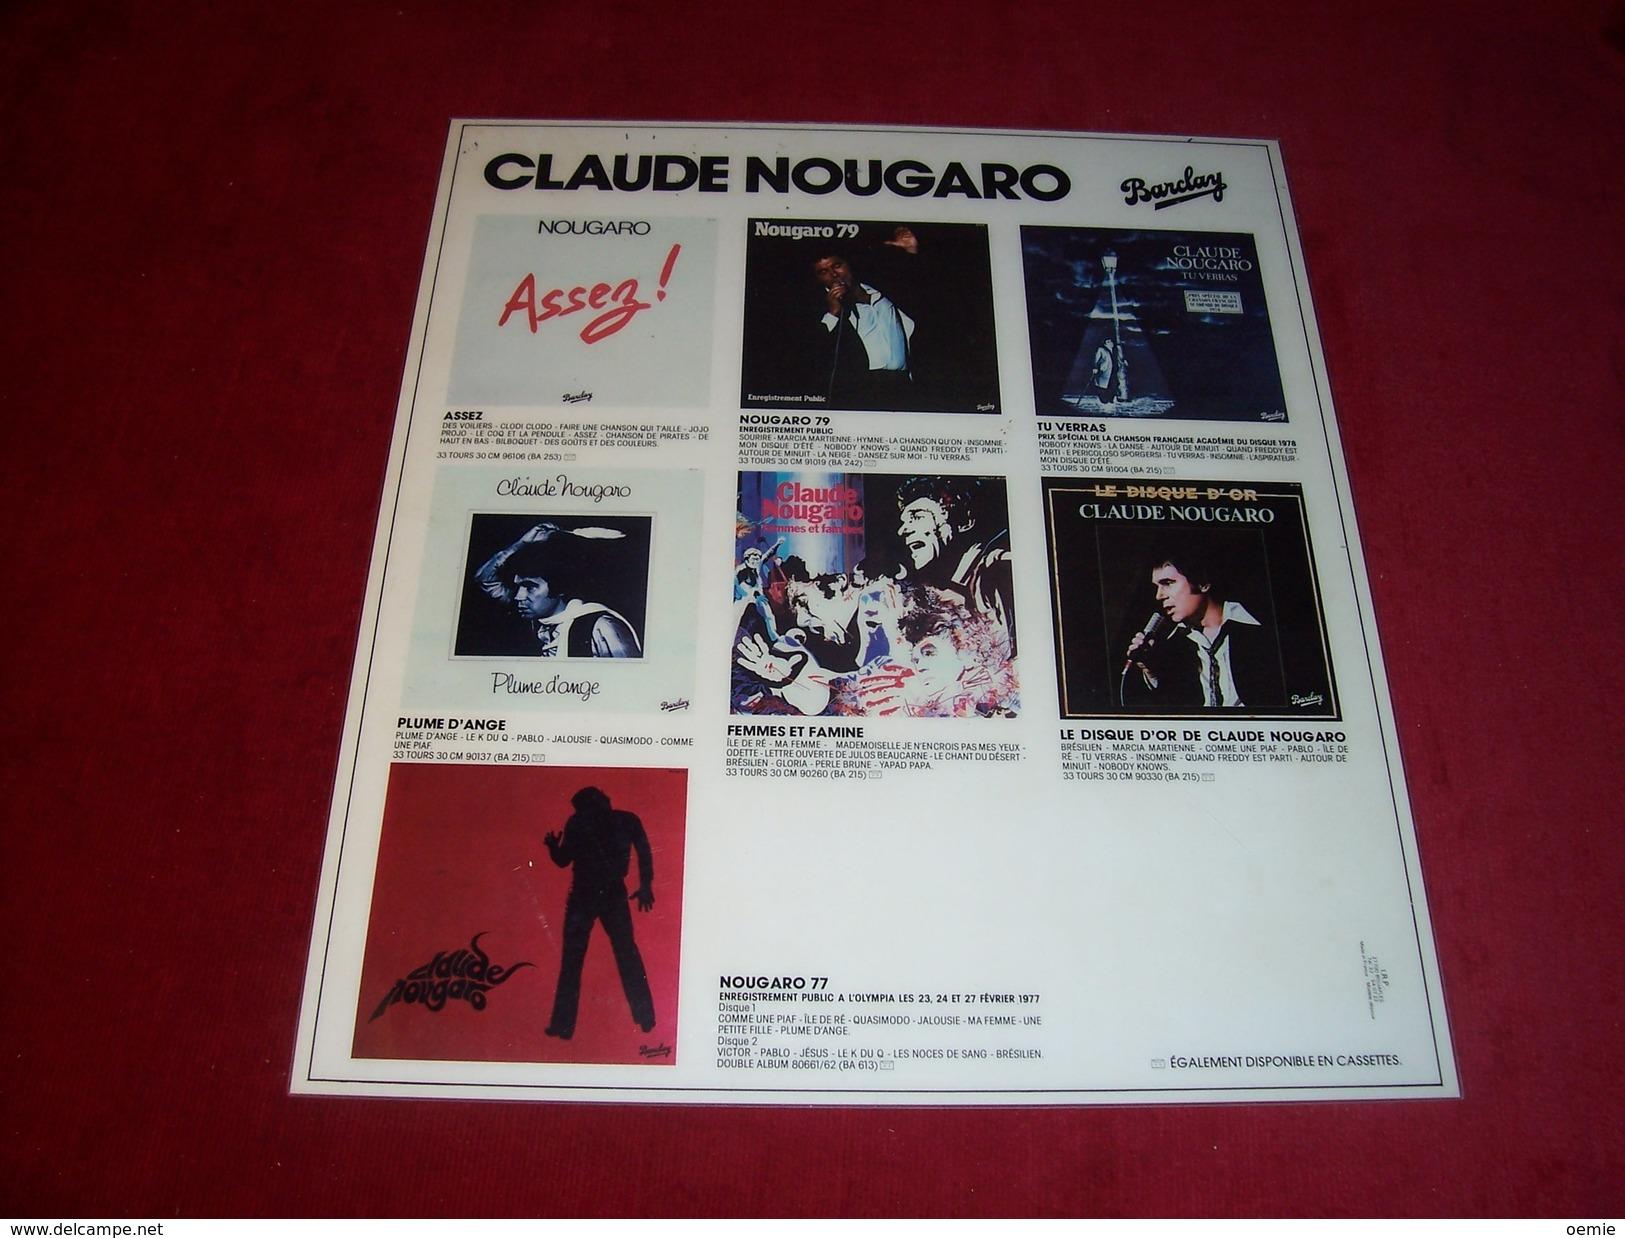 CLAUDE NOUGARO  °°  INTERCALAIRE PUBLICITAIRE  VINYLES EN PLEXI - Plaques Publicitaires